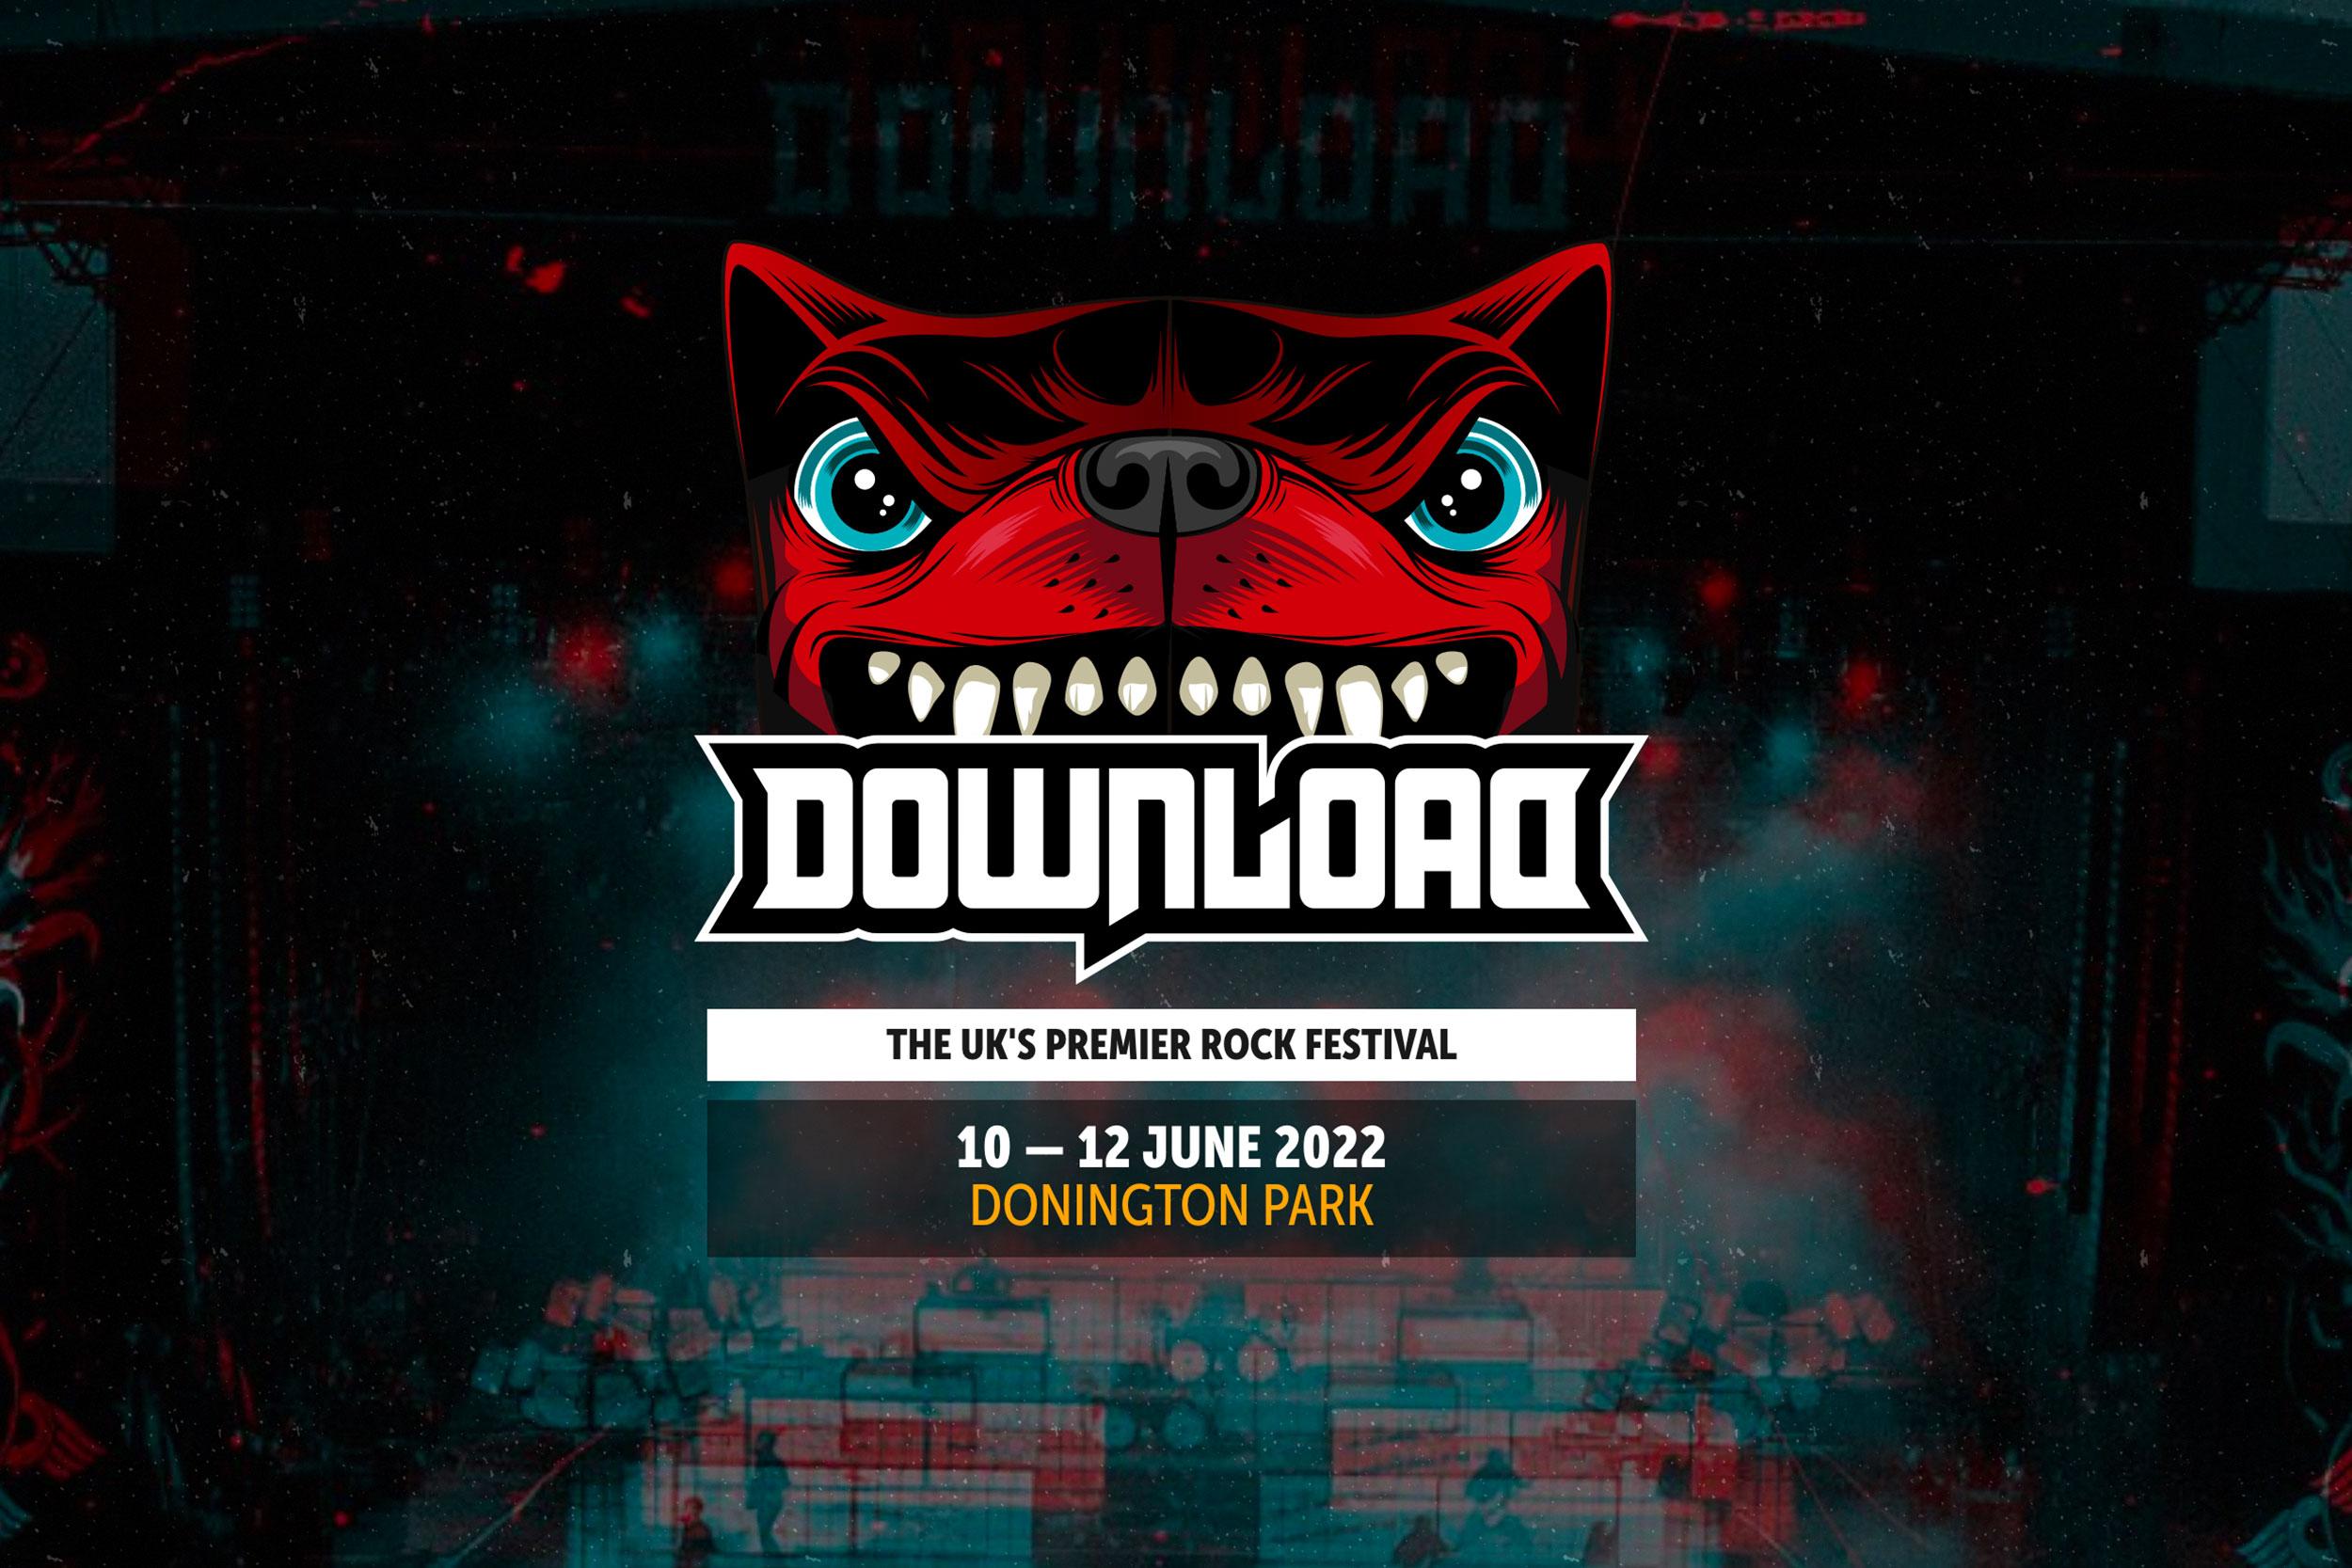 download fest 2022